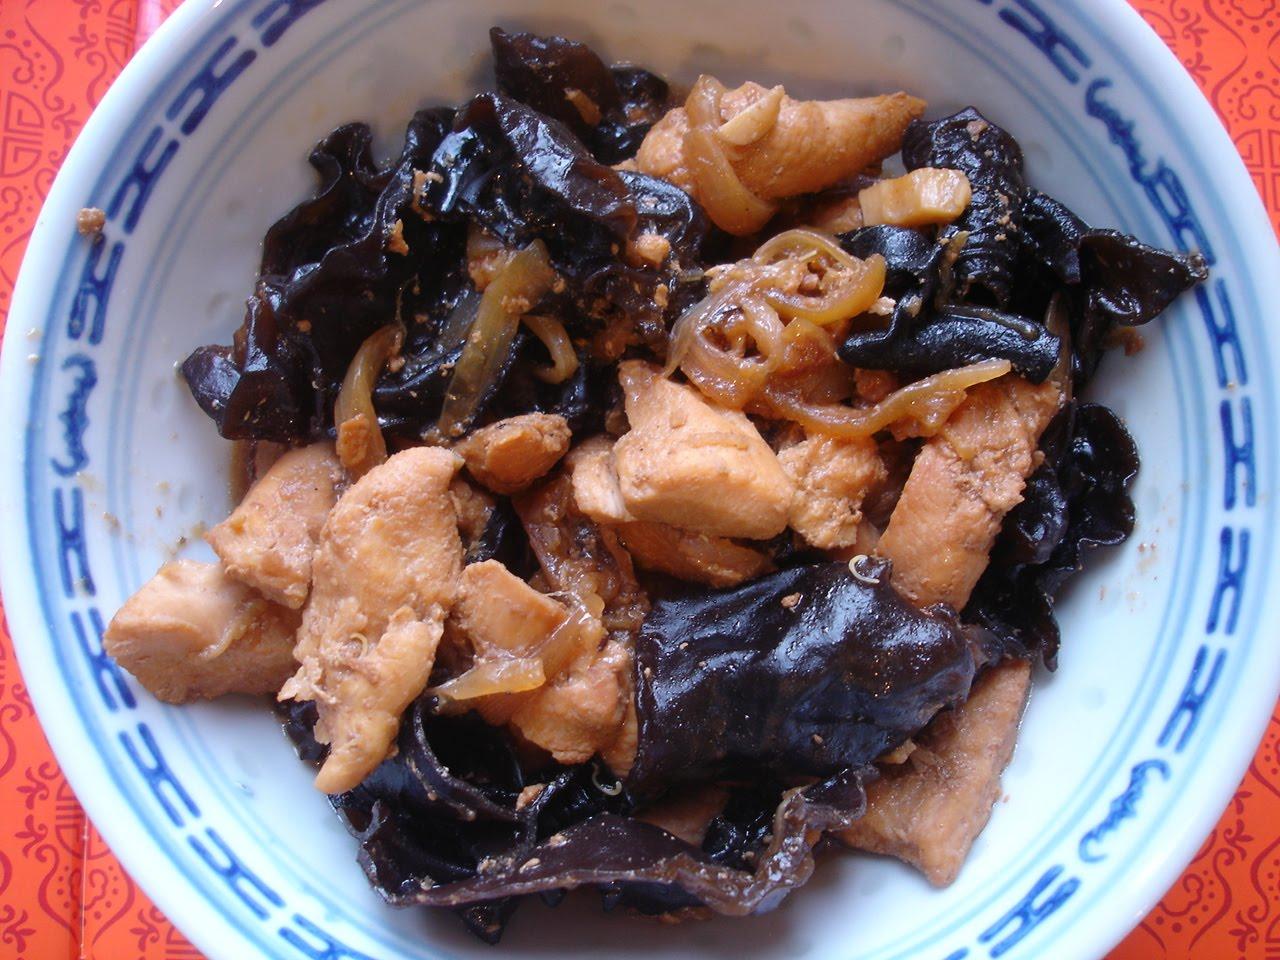 Poulet aux champignons noirs chinois. Recette chinoise Cette recette est de  Taiji!